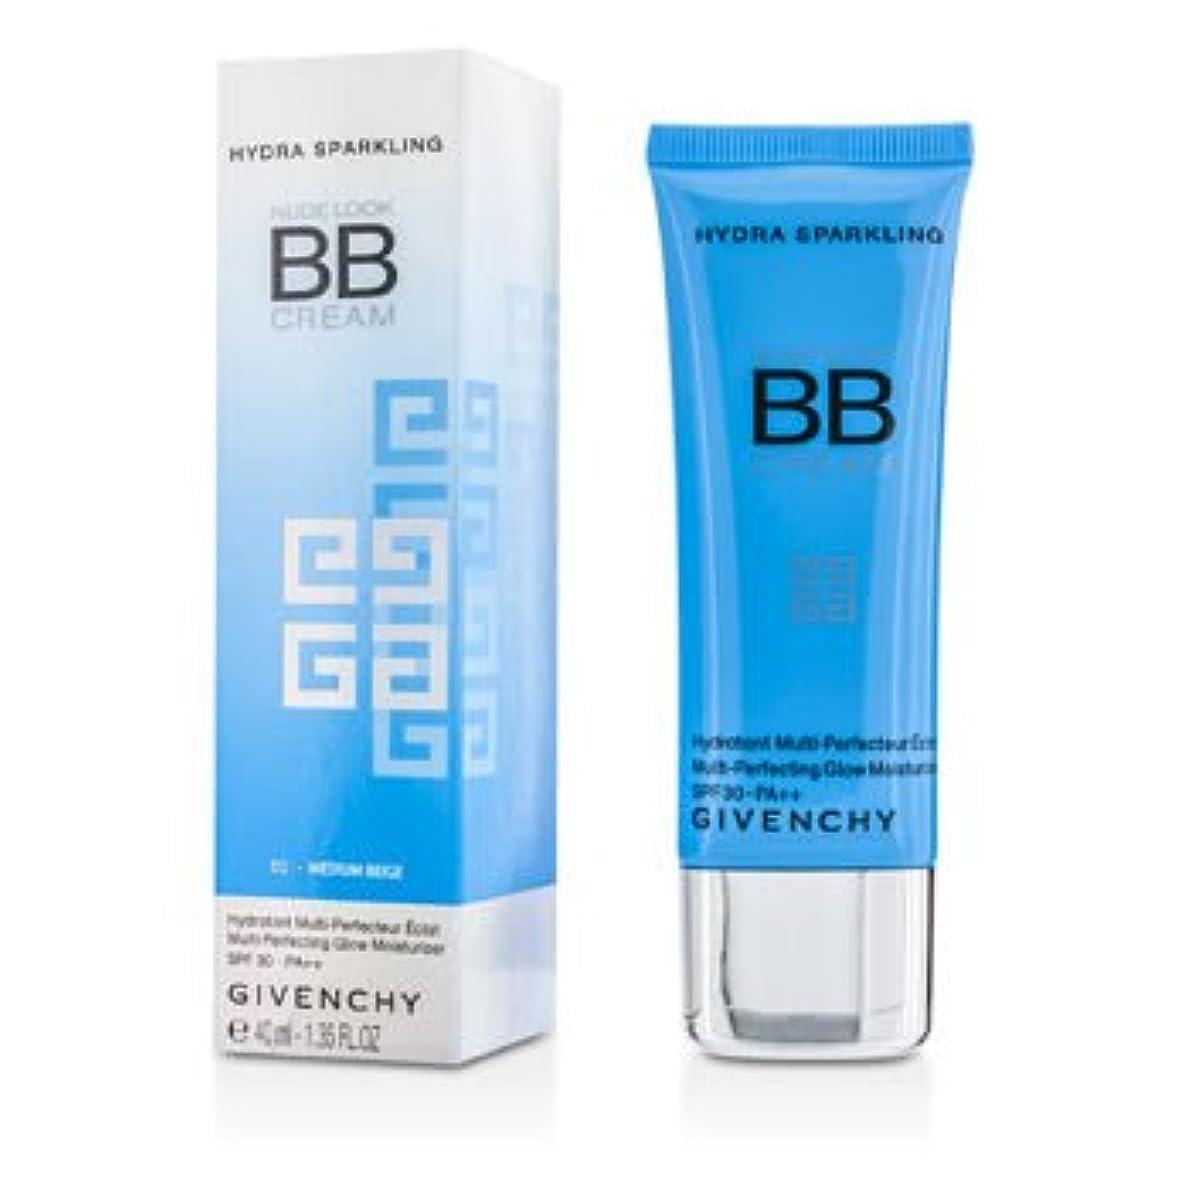 音楽教育者スペイン[Givenchy] Nude Look BB Cream Multi-Perfecting Glow Moisturizer SPF 30 PA++ #02 Medium Beige 40ml/1.35oz